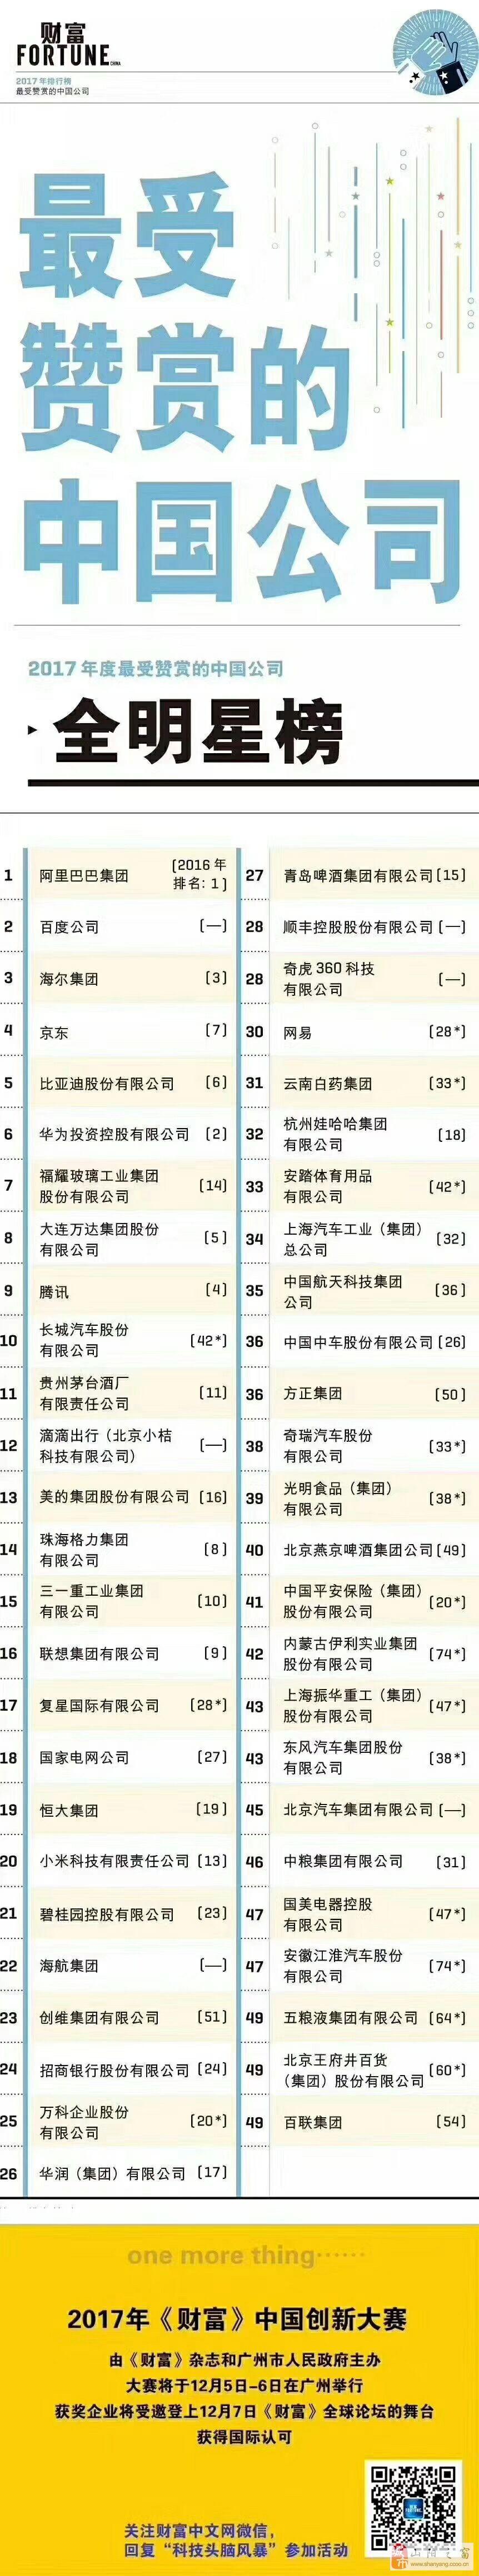 2017年最爱赞赏的中国公司